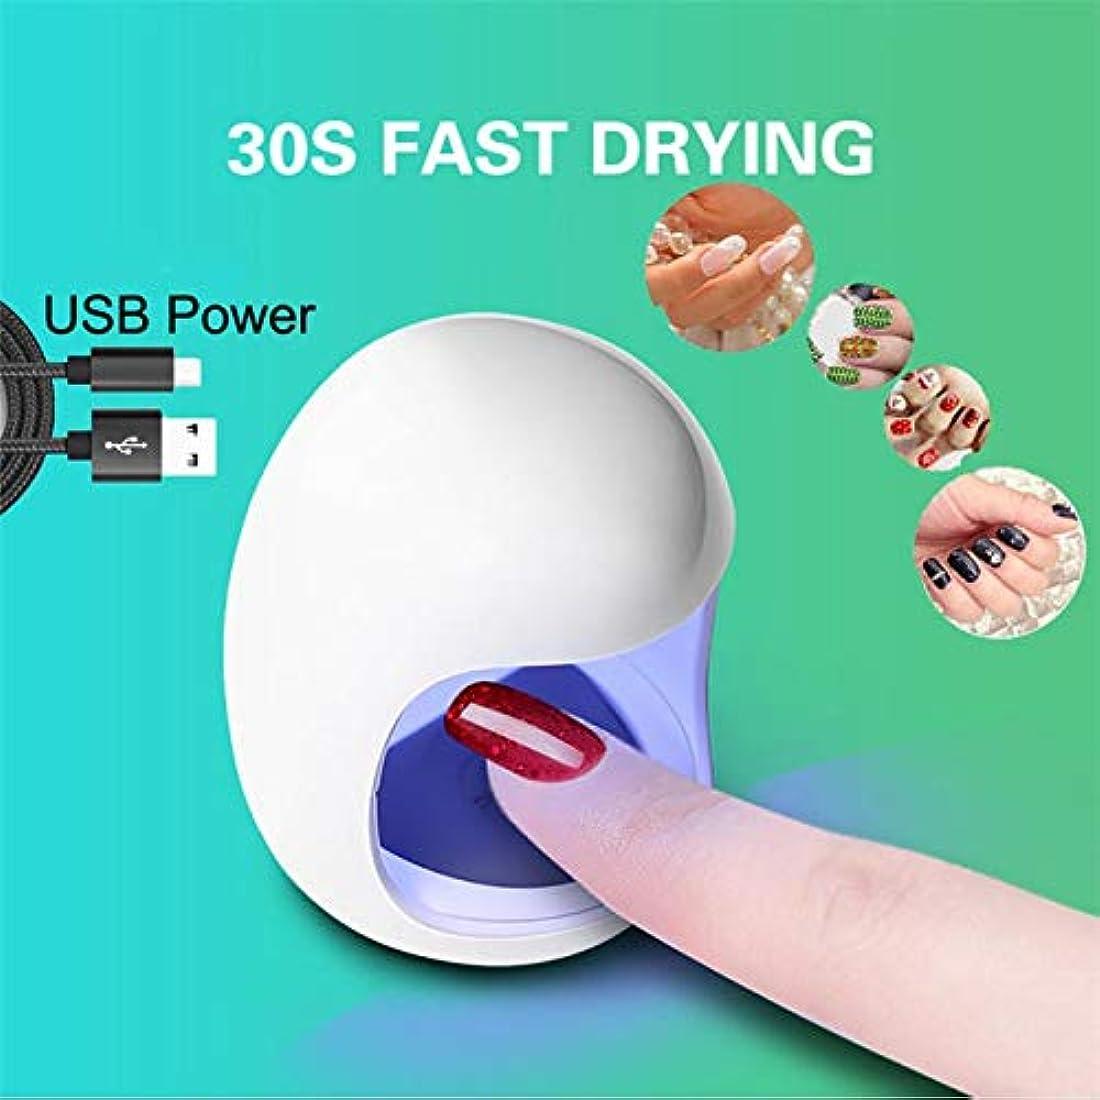 関与するプリーツ困った58 × 45 × 45 ミリメートル 3 ワットホワイトミニ Usb UV ネイルジェル硬化ランプライトネイルジェルポリッシュ乾燥機ネイルアート機 PC & ABS Led UV ランプ lampa